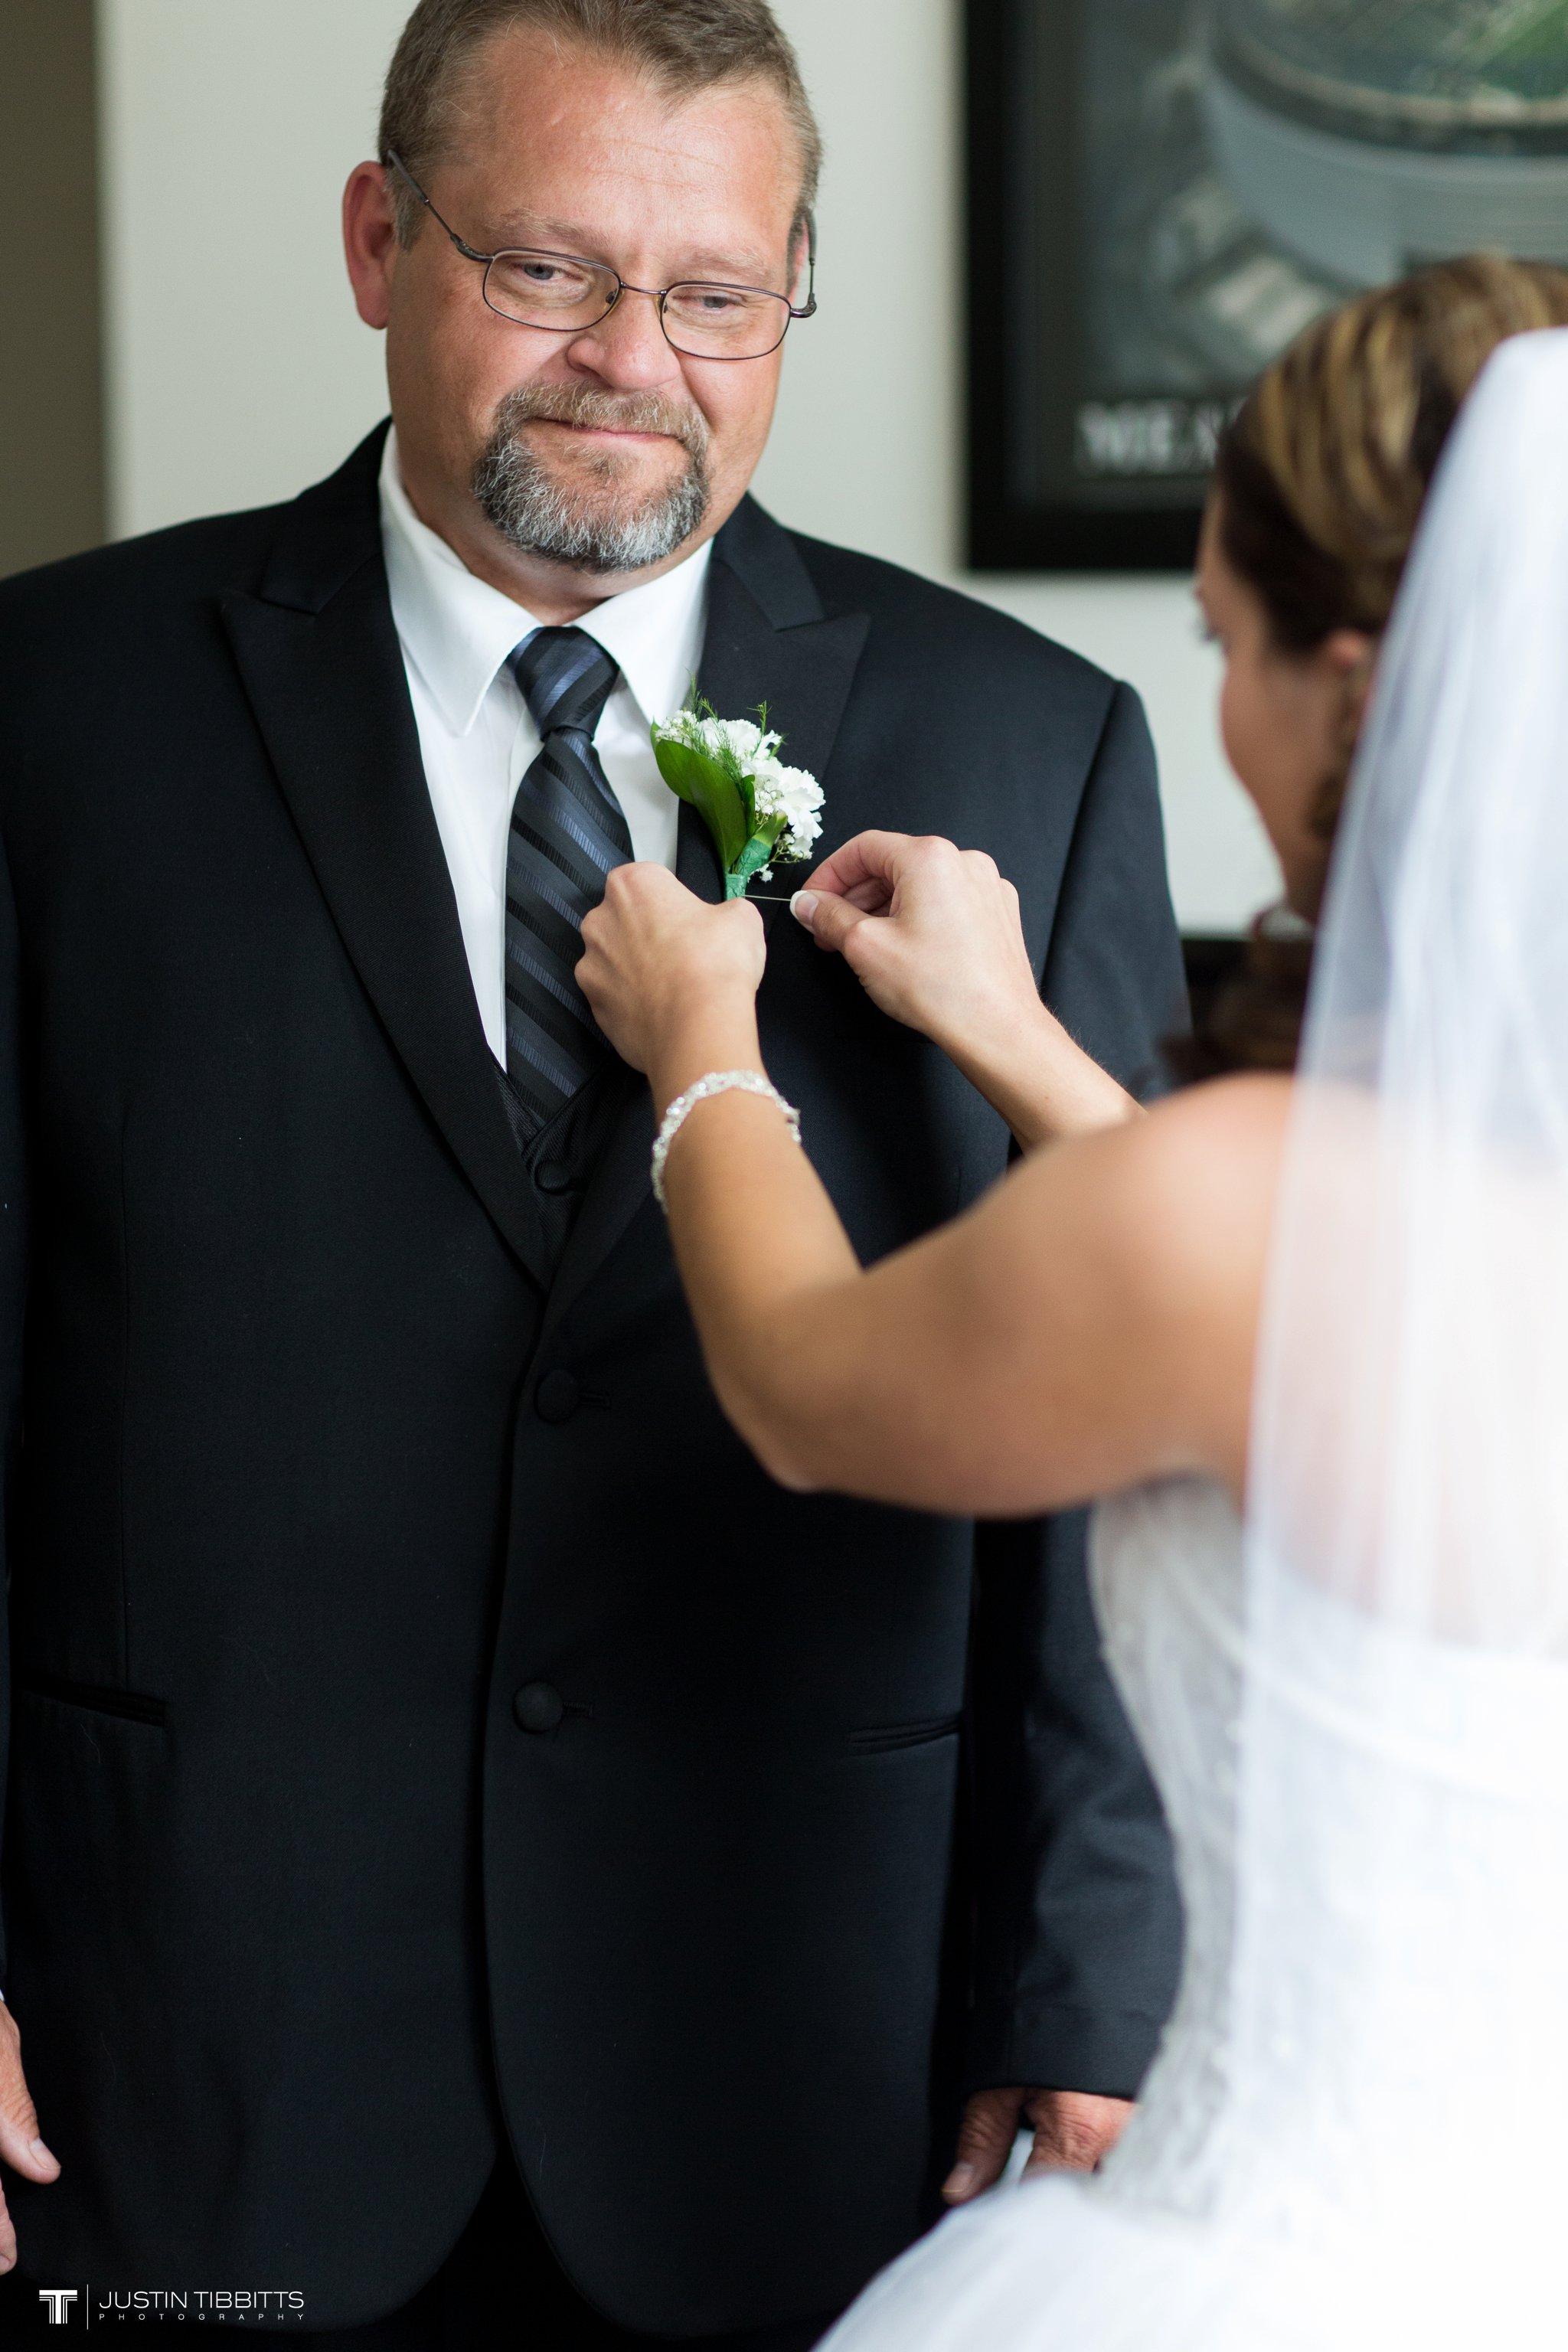 Albany NY Wedding Photographer Justin Tibbitts Photography Best of Albany NY Weddings 201460